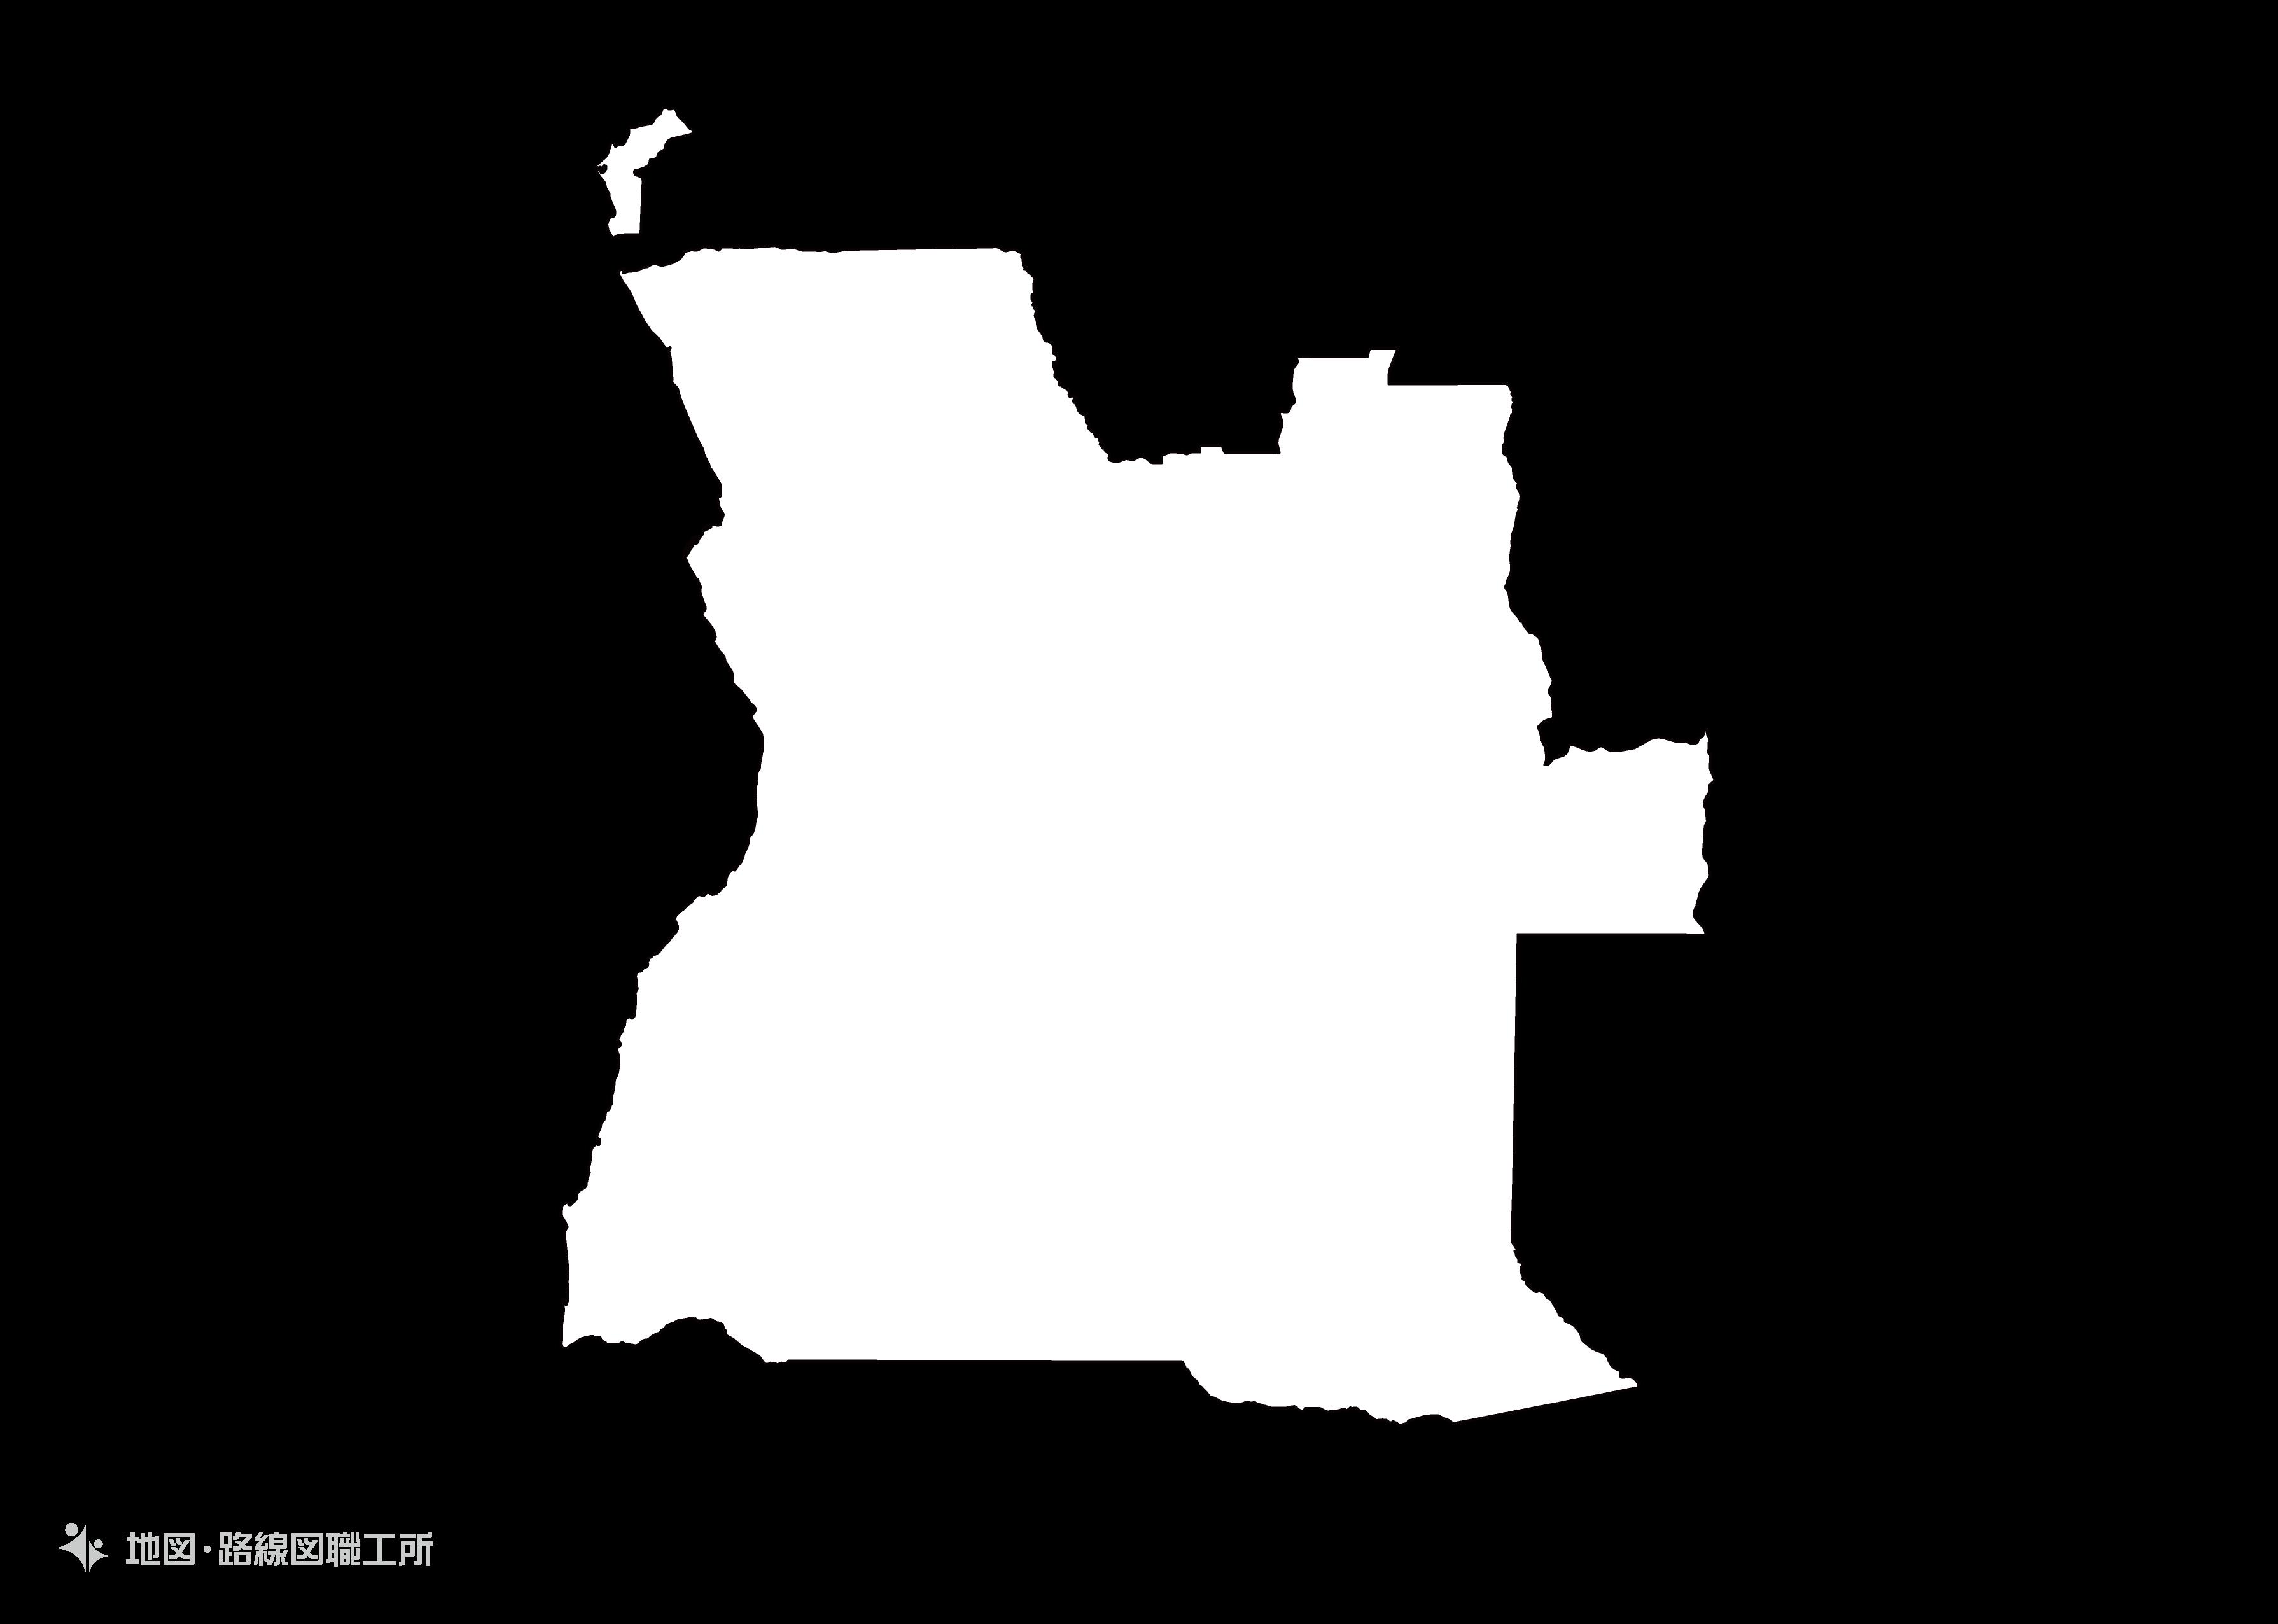 世界の白地図 アンゴラ共和国 republic-of-angola map